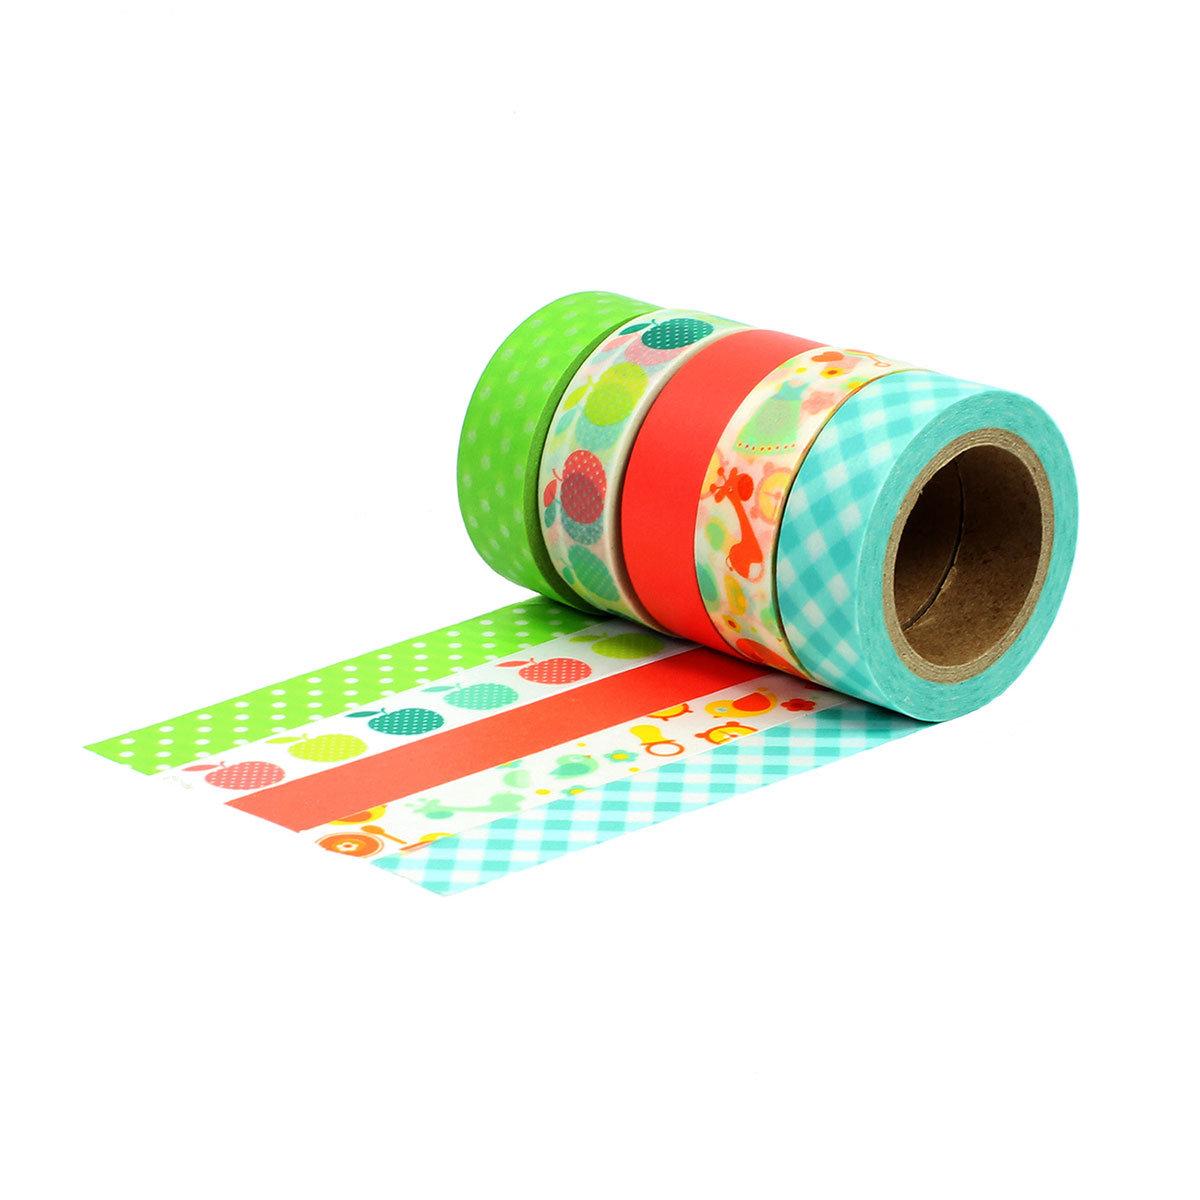 Washi Tape Set 10 Mit 5 Rollen Verschiedene Farben Masking